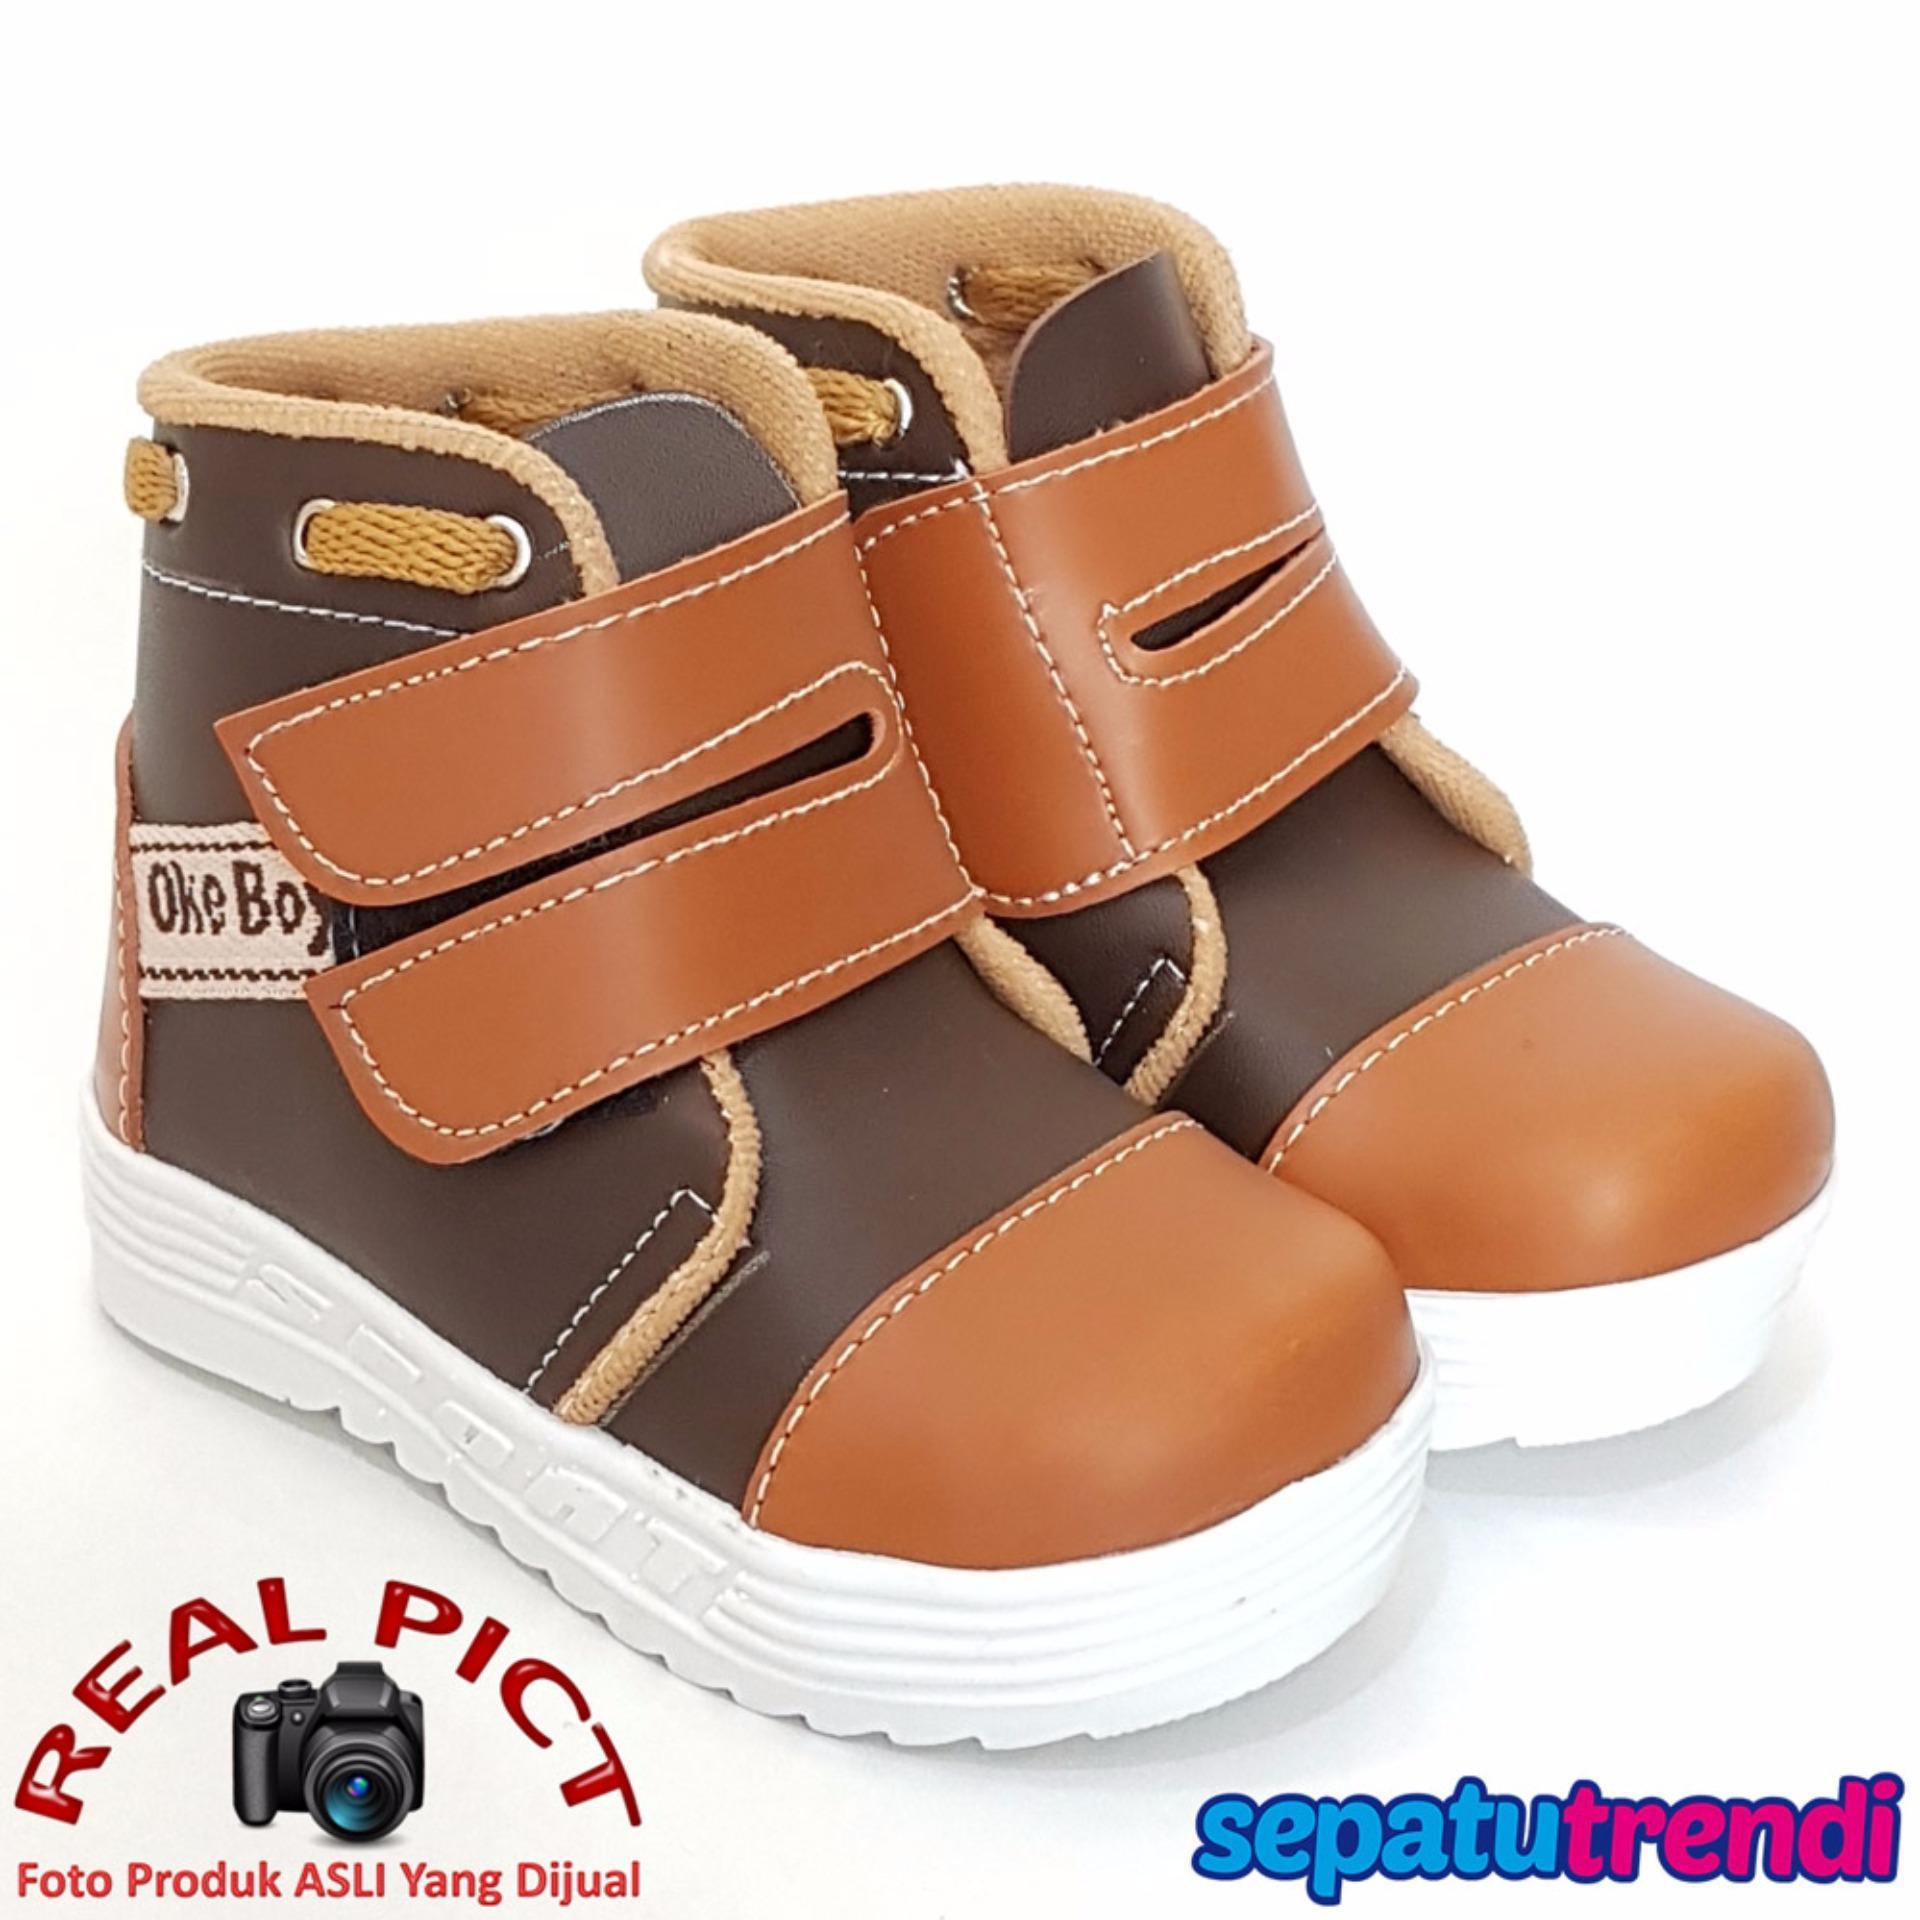 Harga Trendishoes Sepatu Boot Anak Laki Velvro Keren Okbsp Coklat Tan